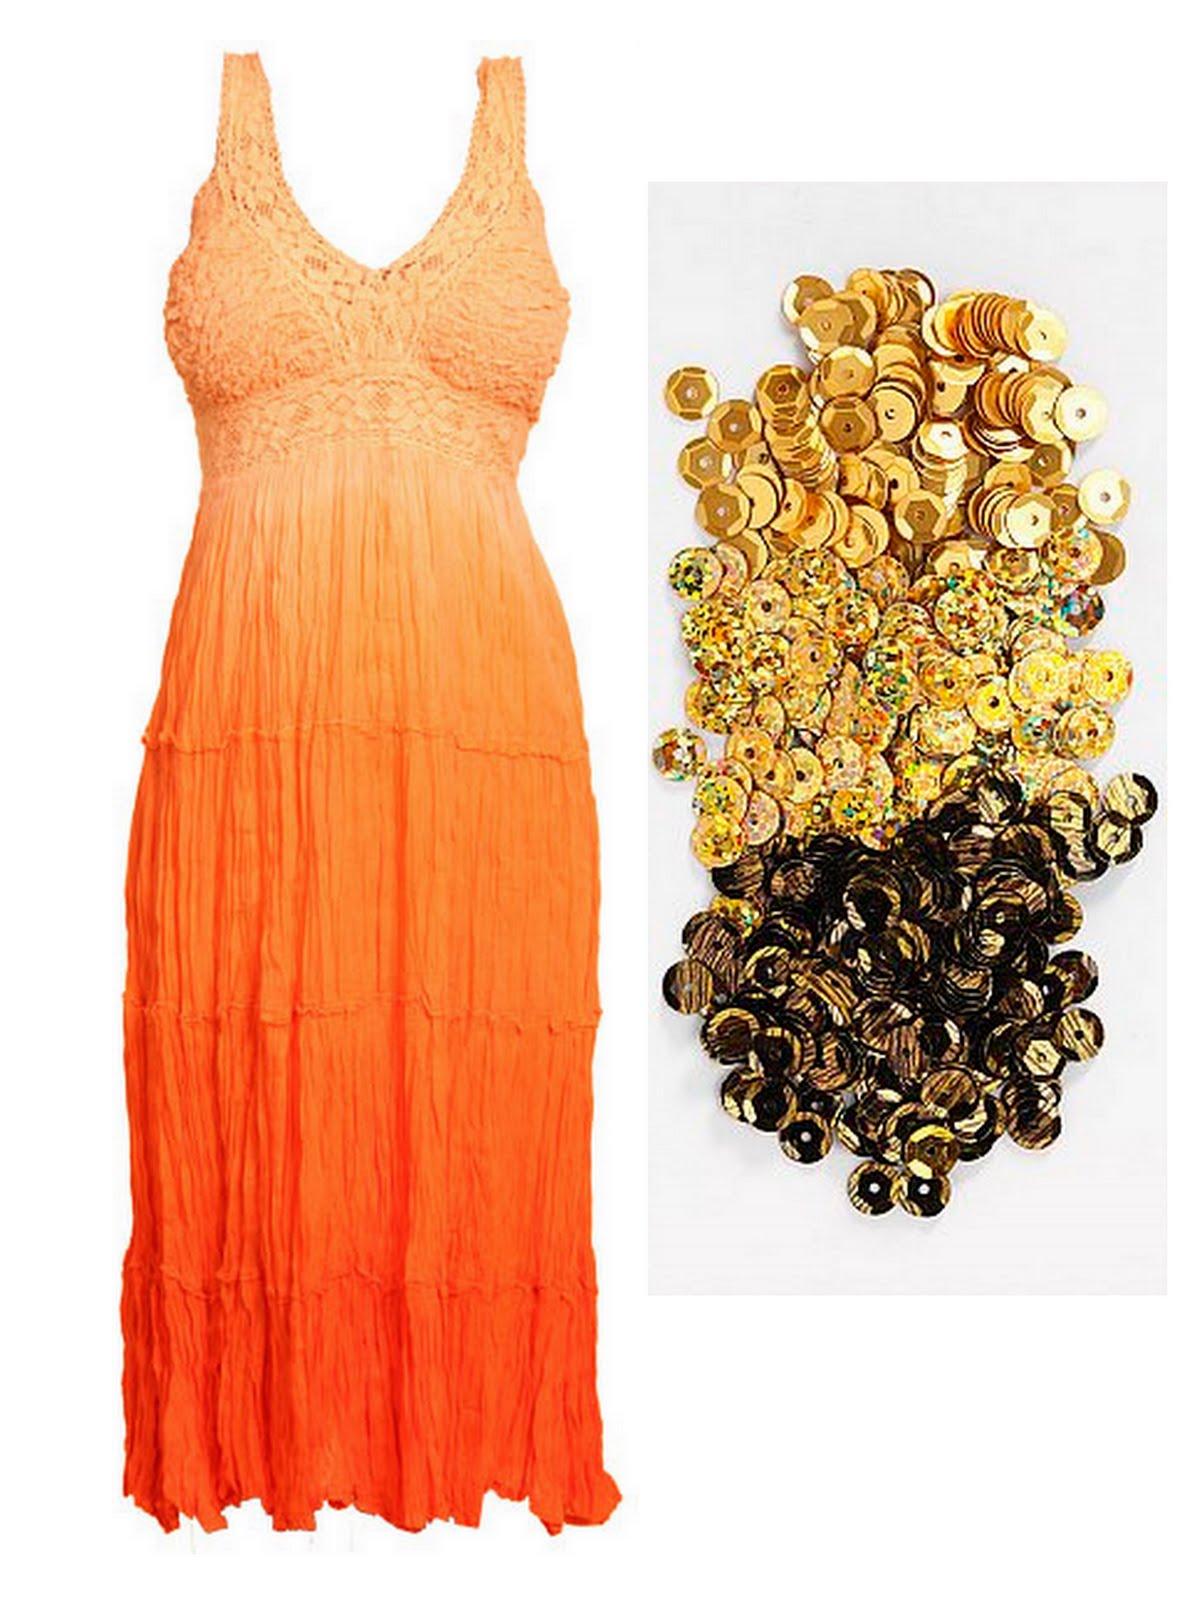 2fc6e85a38b9 Ih jeg har sådan en lyst til (stærkt inspireret af Stine Goya) at fine  noget batik tofarvet og sy pailletter på. Det må gerne være noget orange